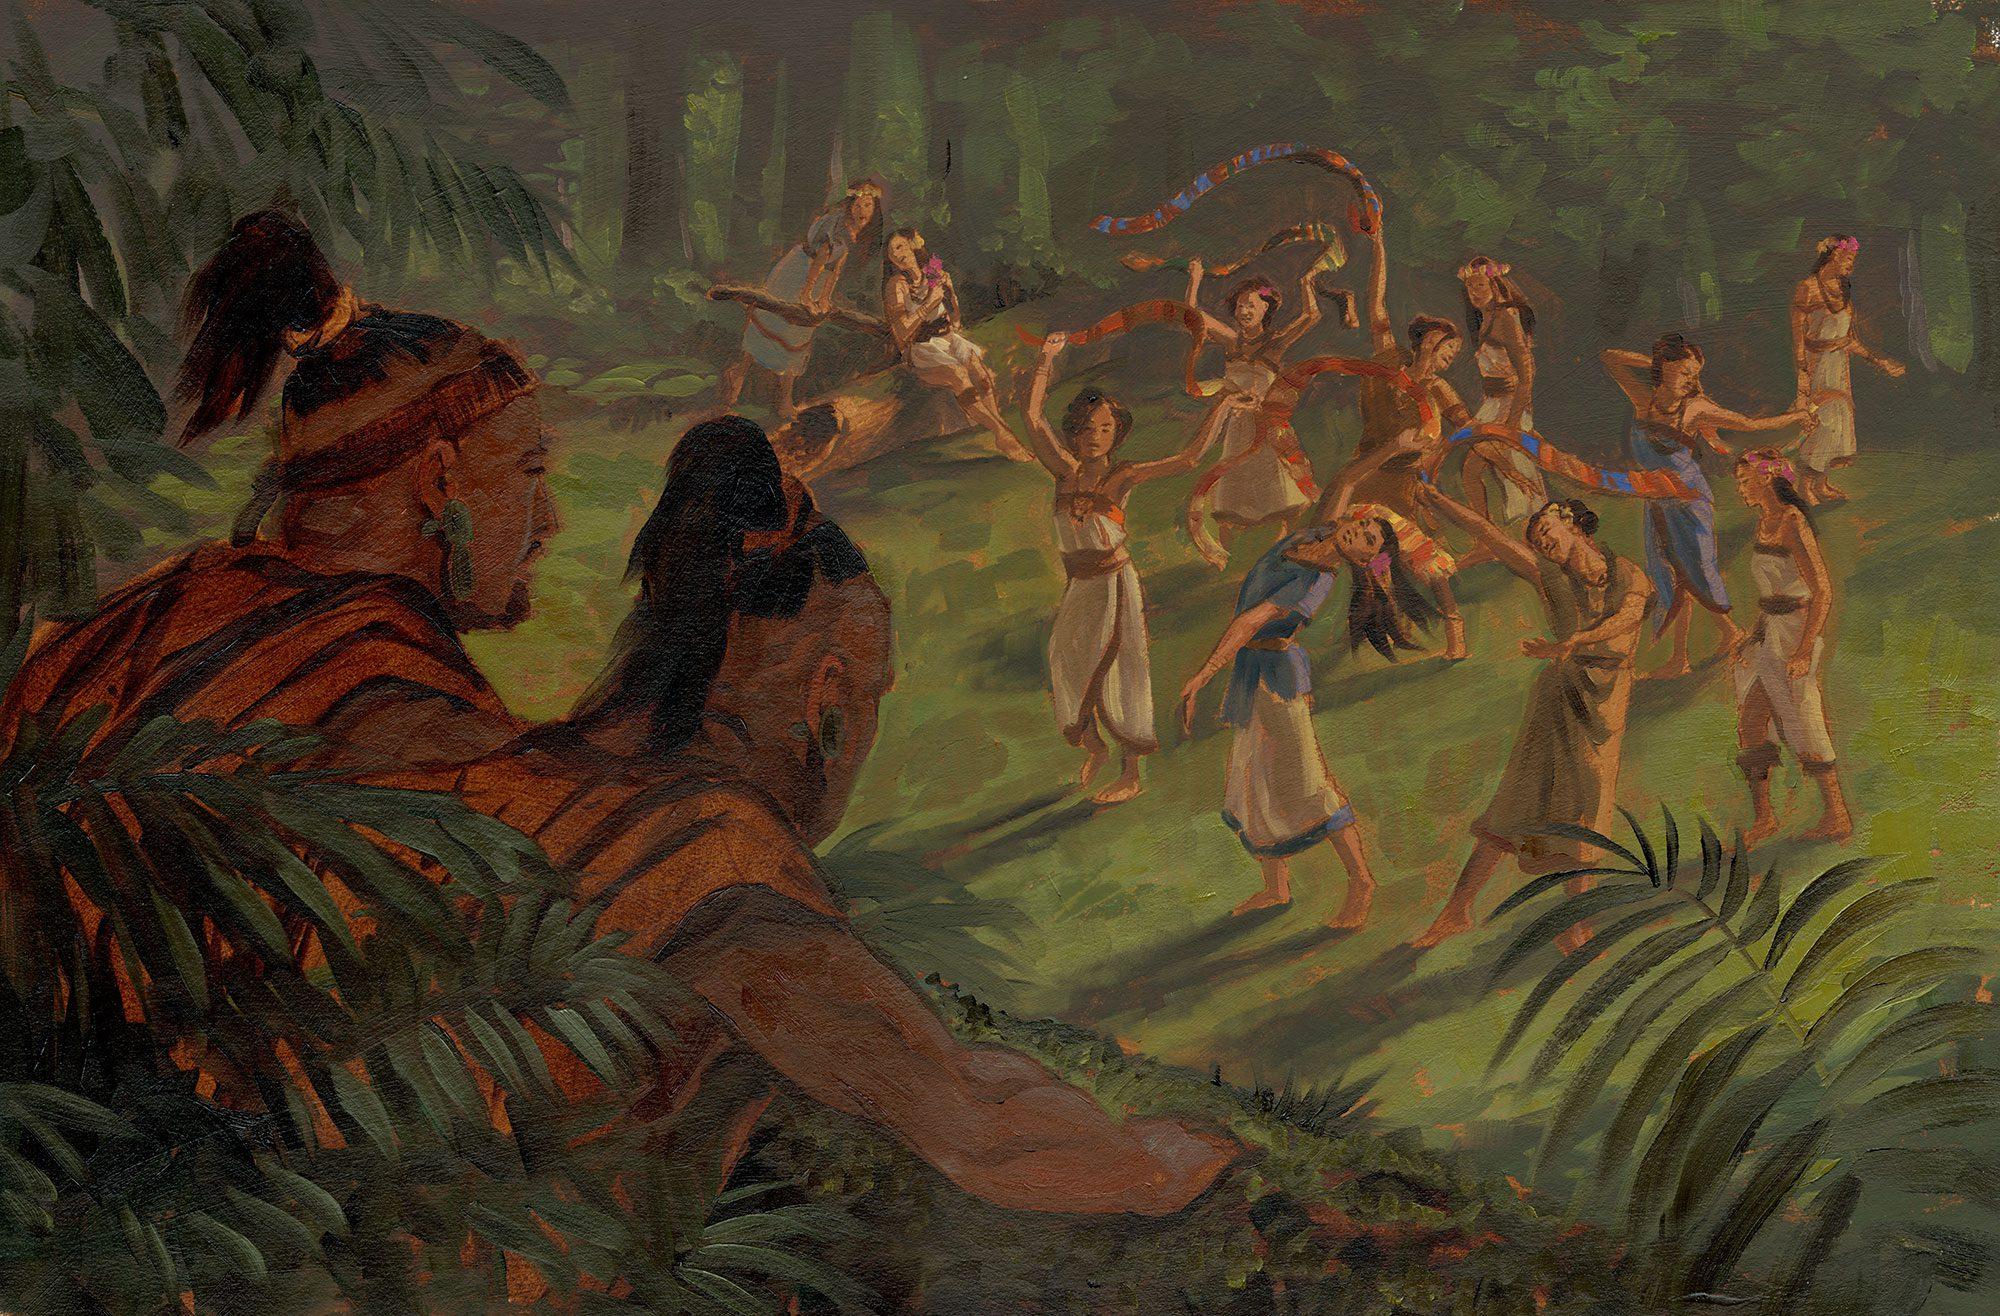 james-fullmer-lamanite-daughters